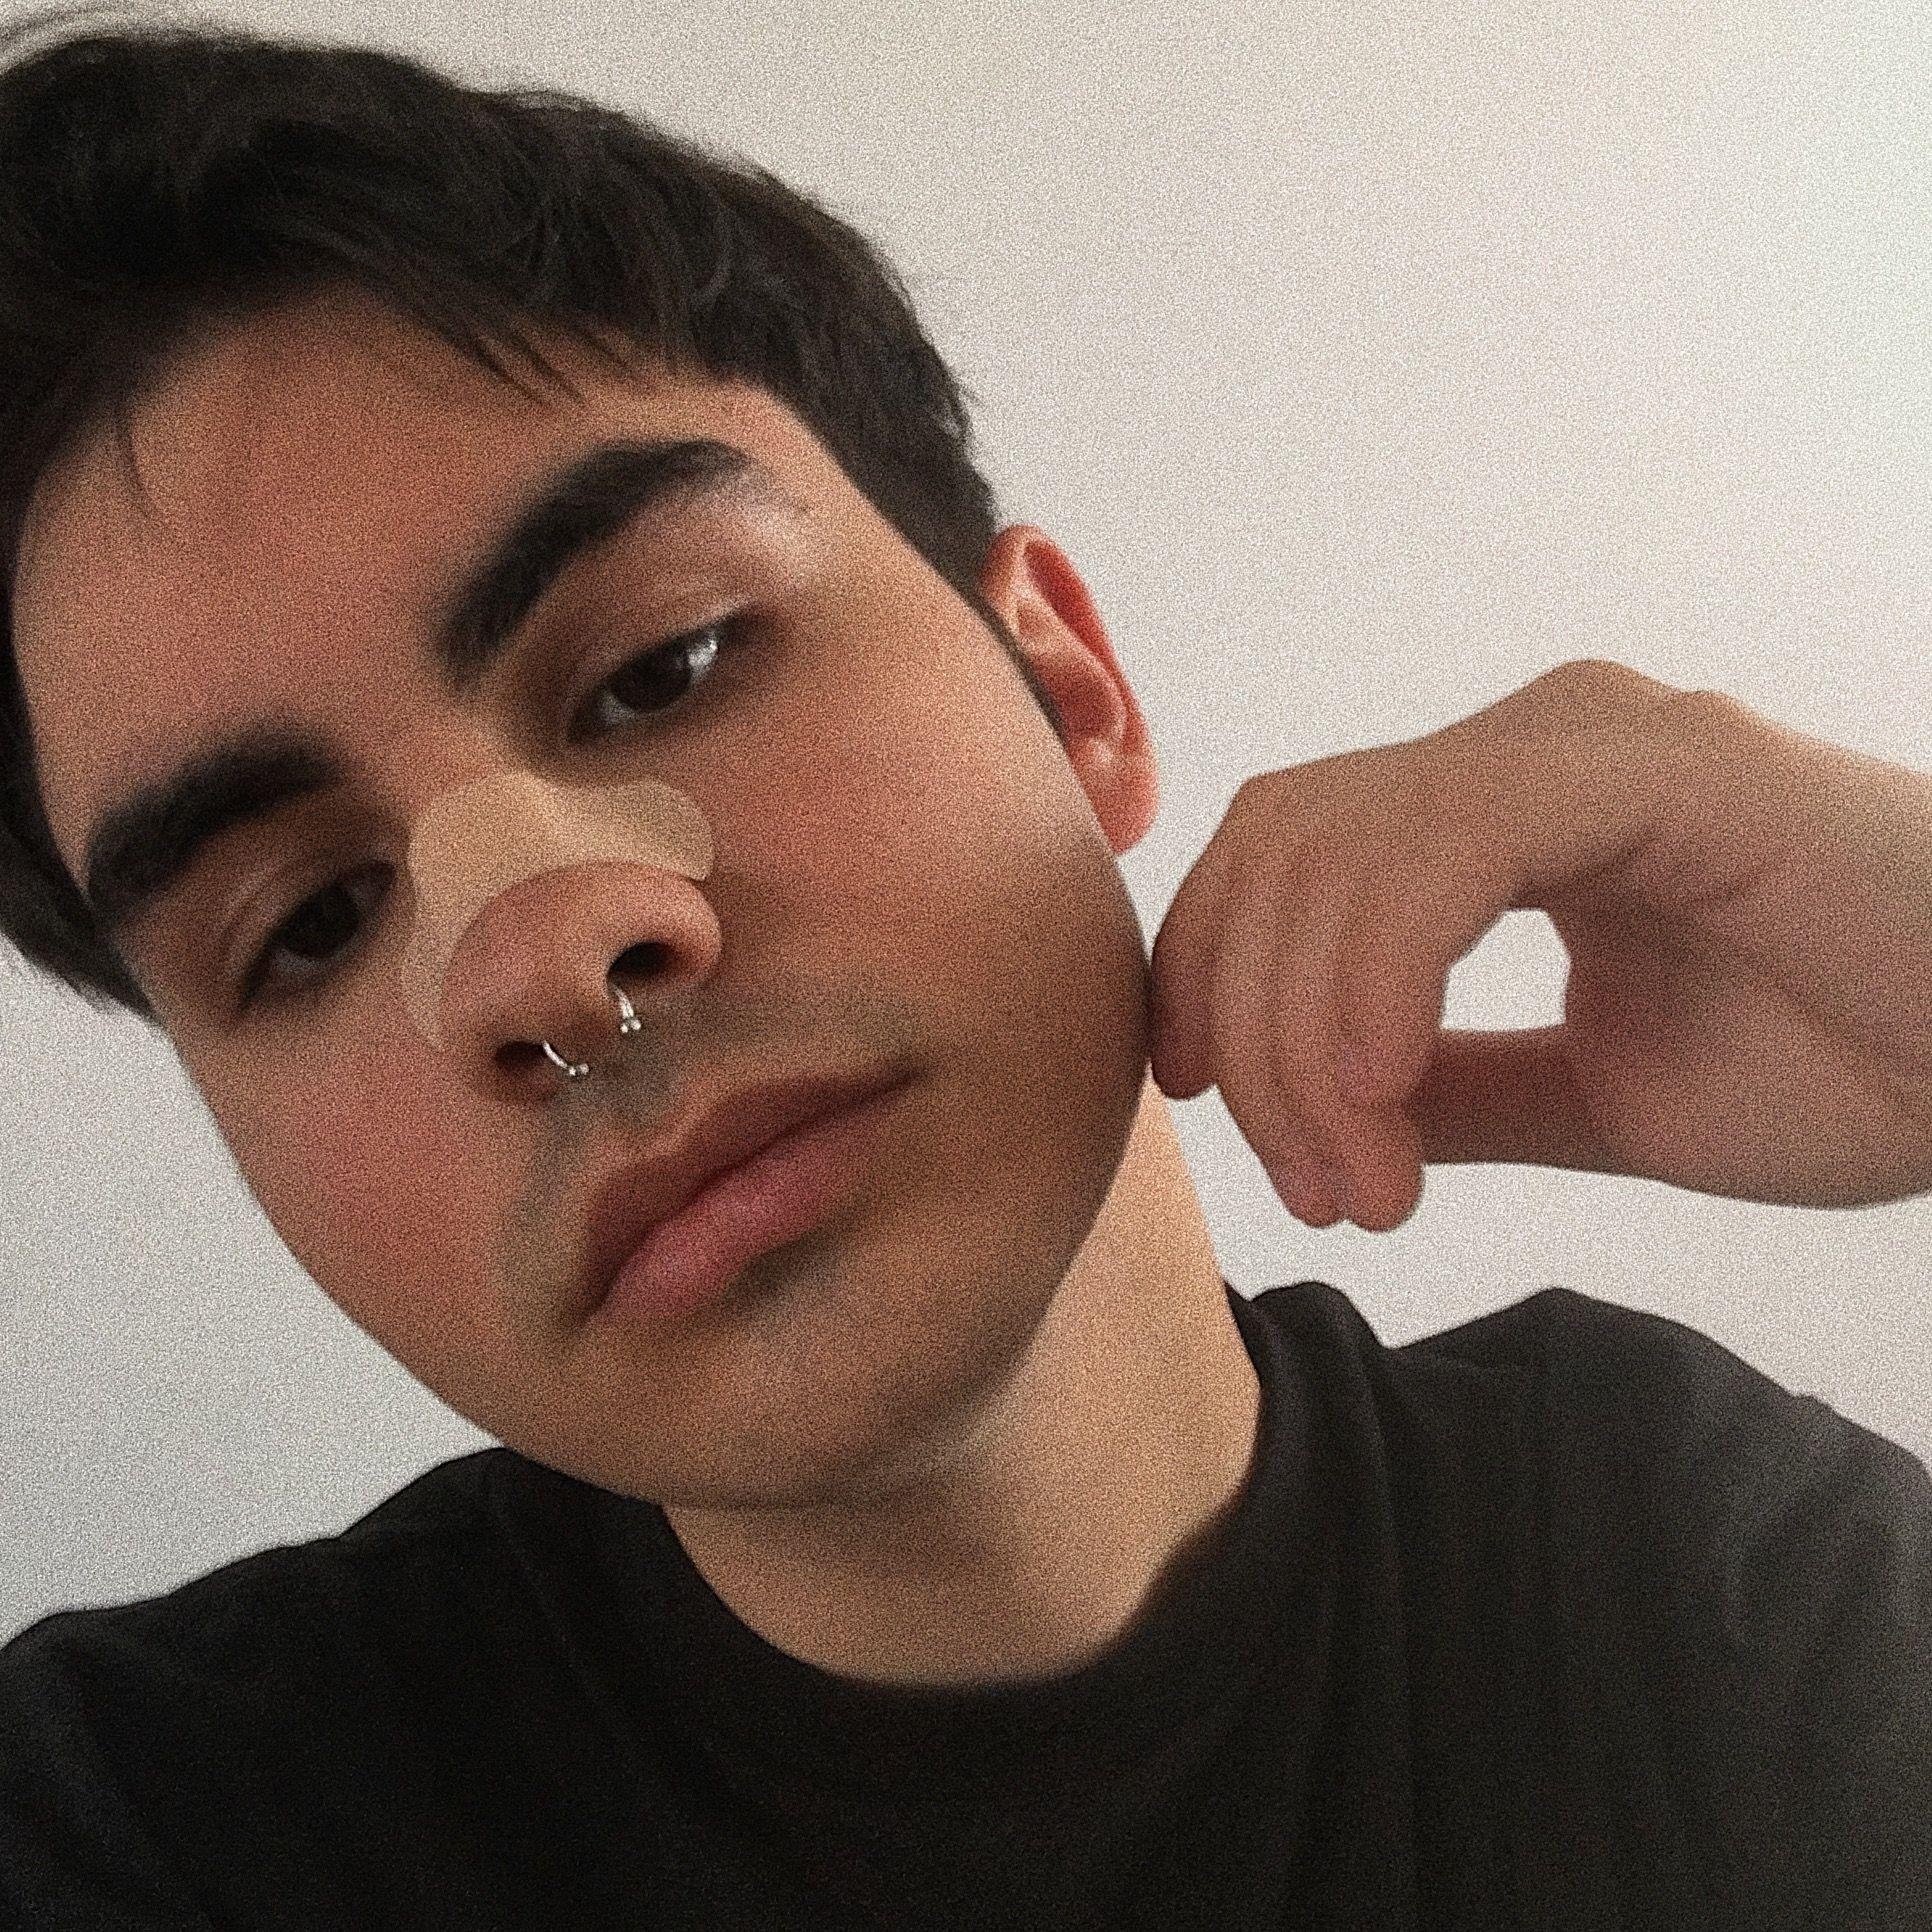 boy with a septum piercing in black #boys #piercing #eboy